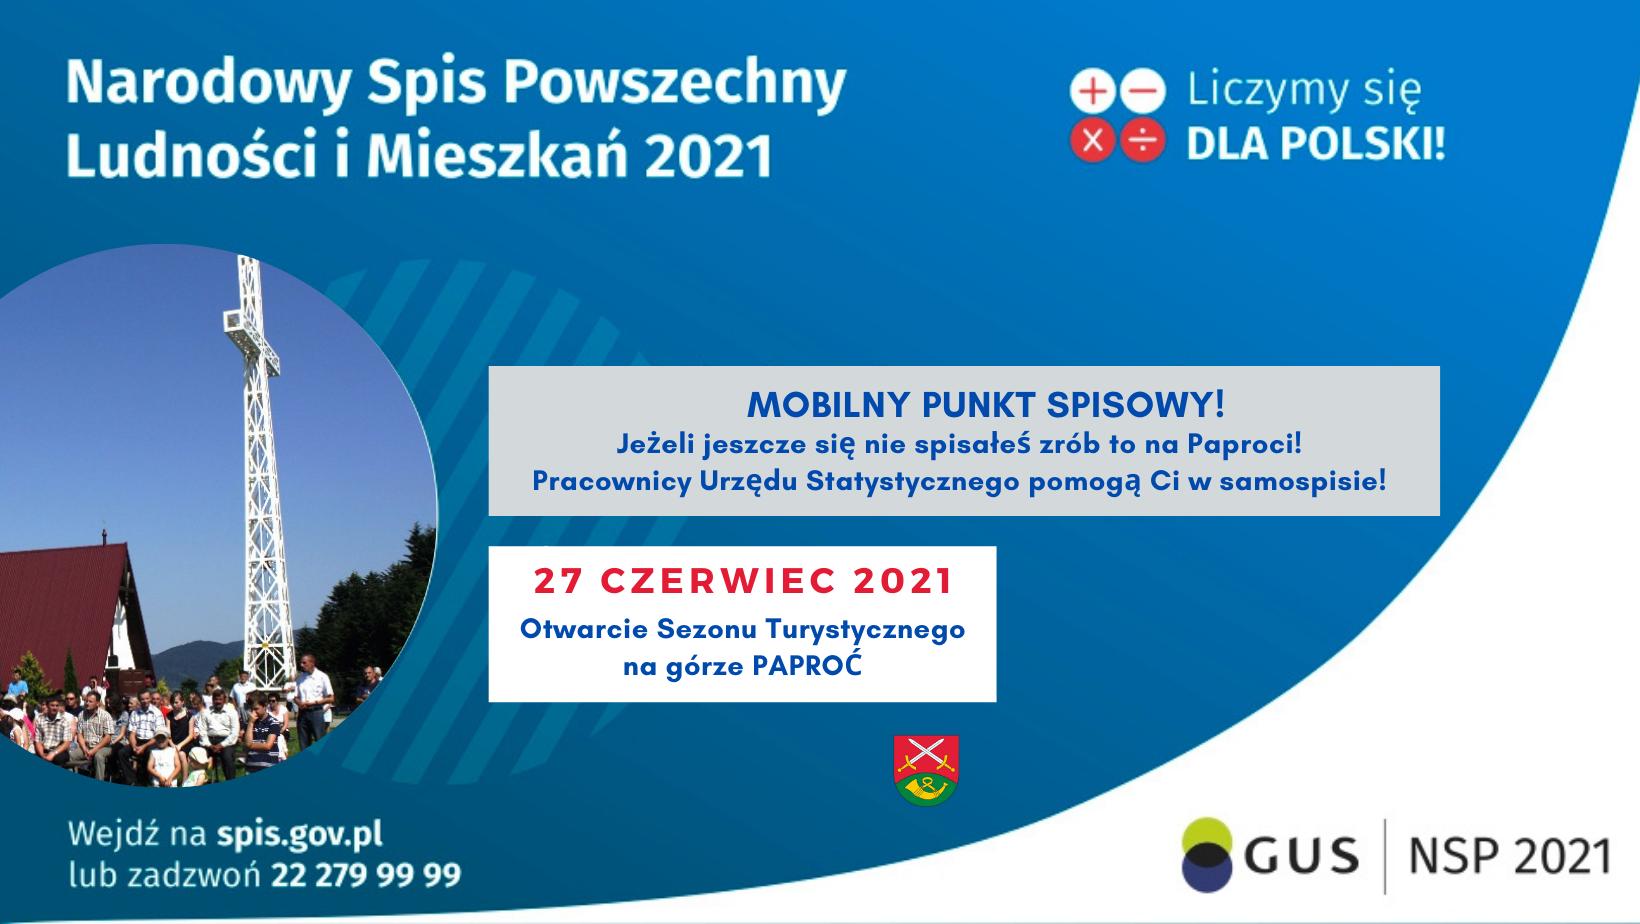 Spisz się na Paproci! - możliwość samospisu podczas Otwarcia Sezonu Turystycznego - NSP 2021 - zdjęcie główne